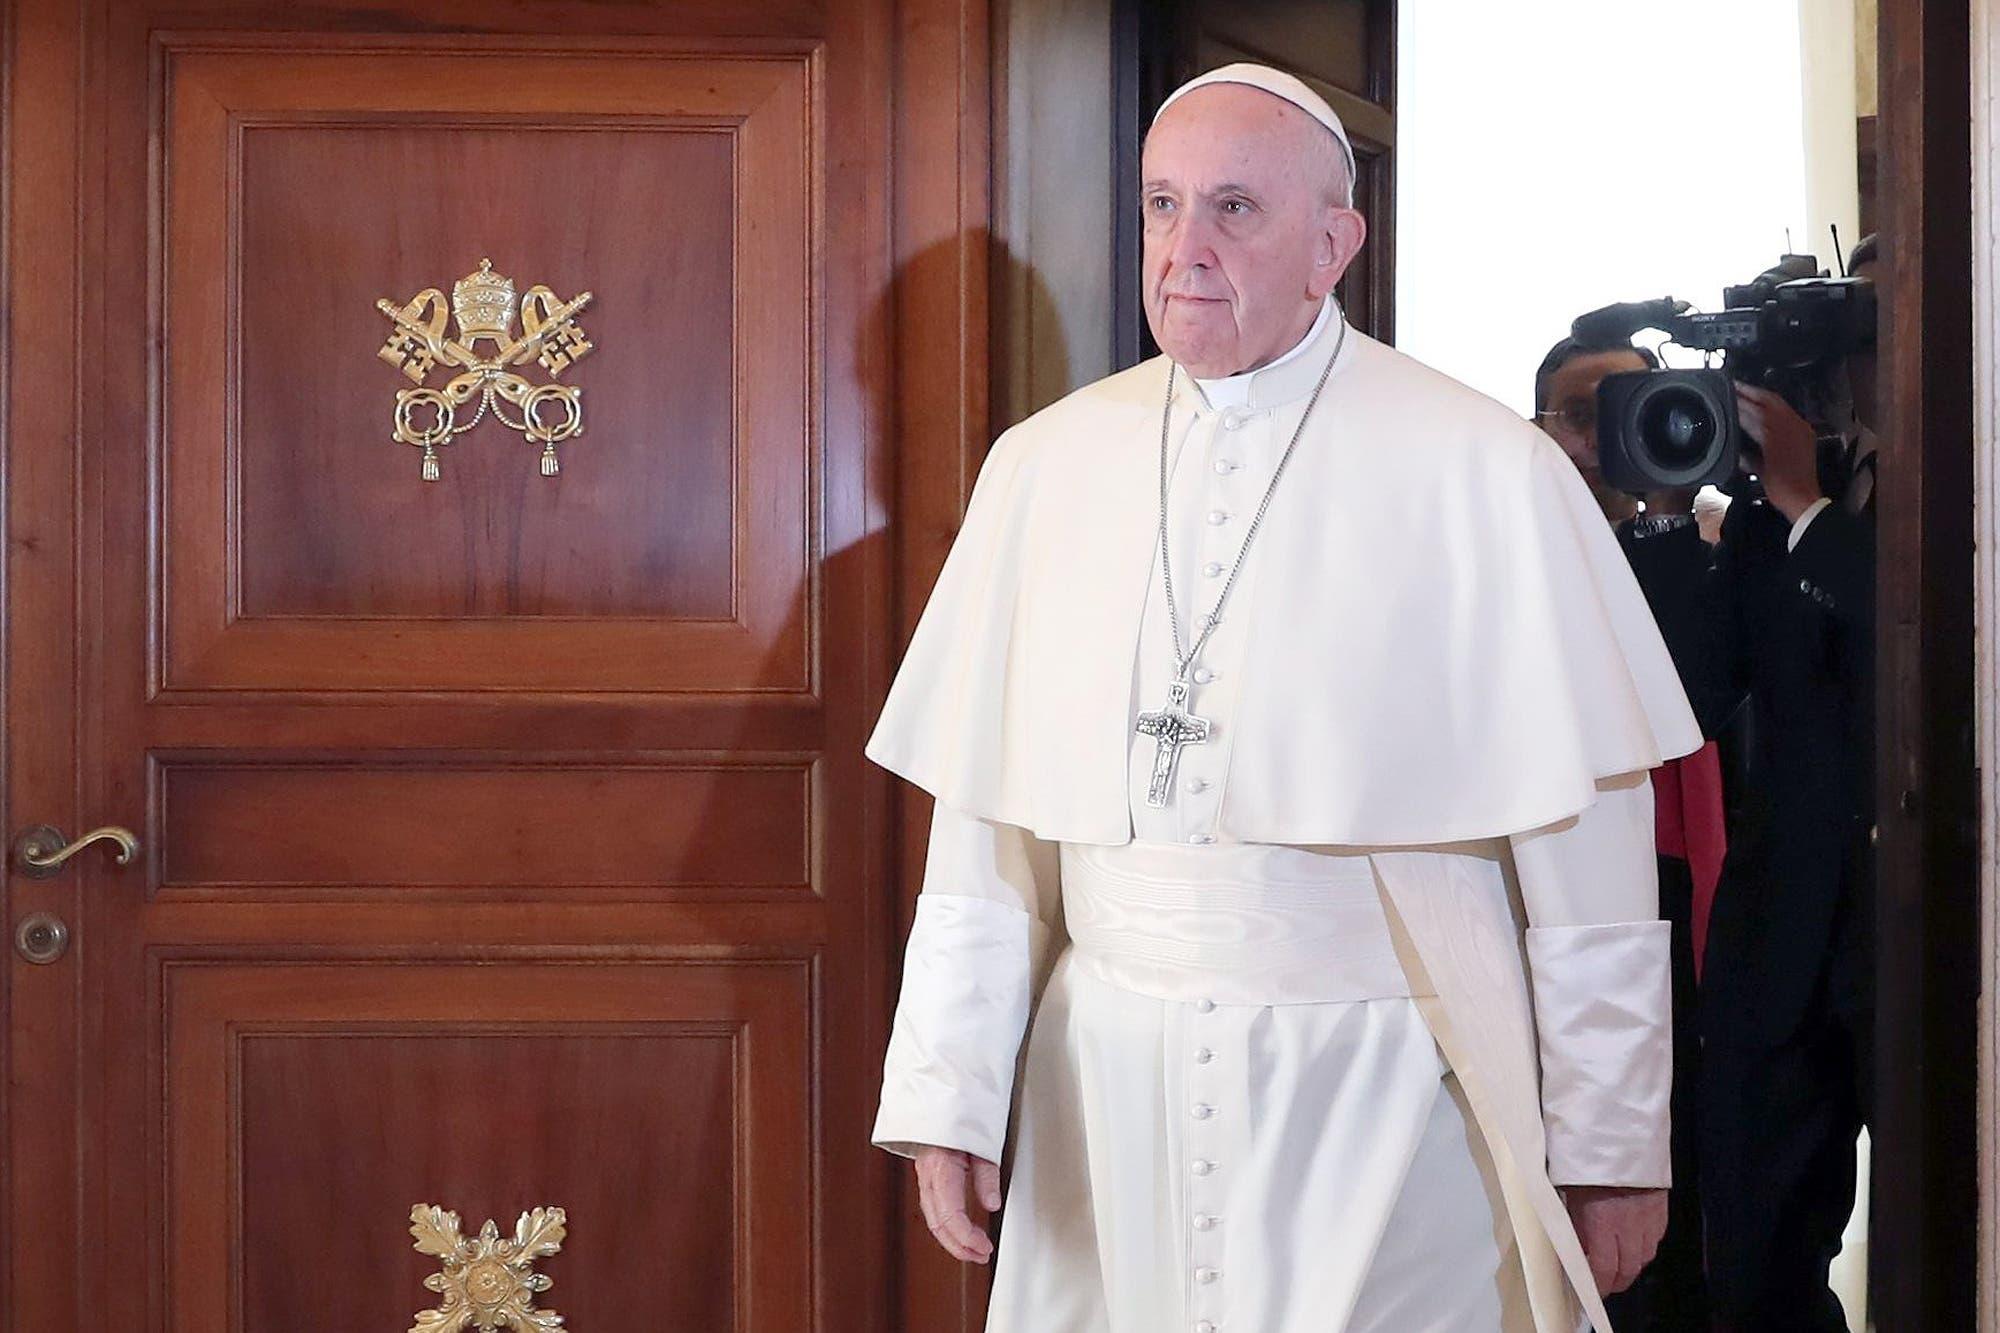 El Vaticano arrestó a un broker involucrado en un escándalo inmobiliario